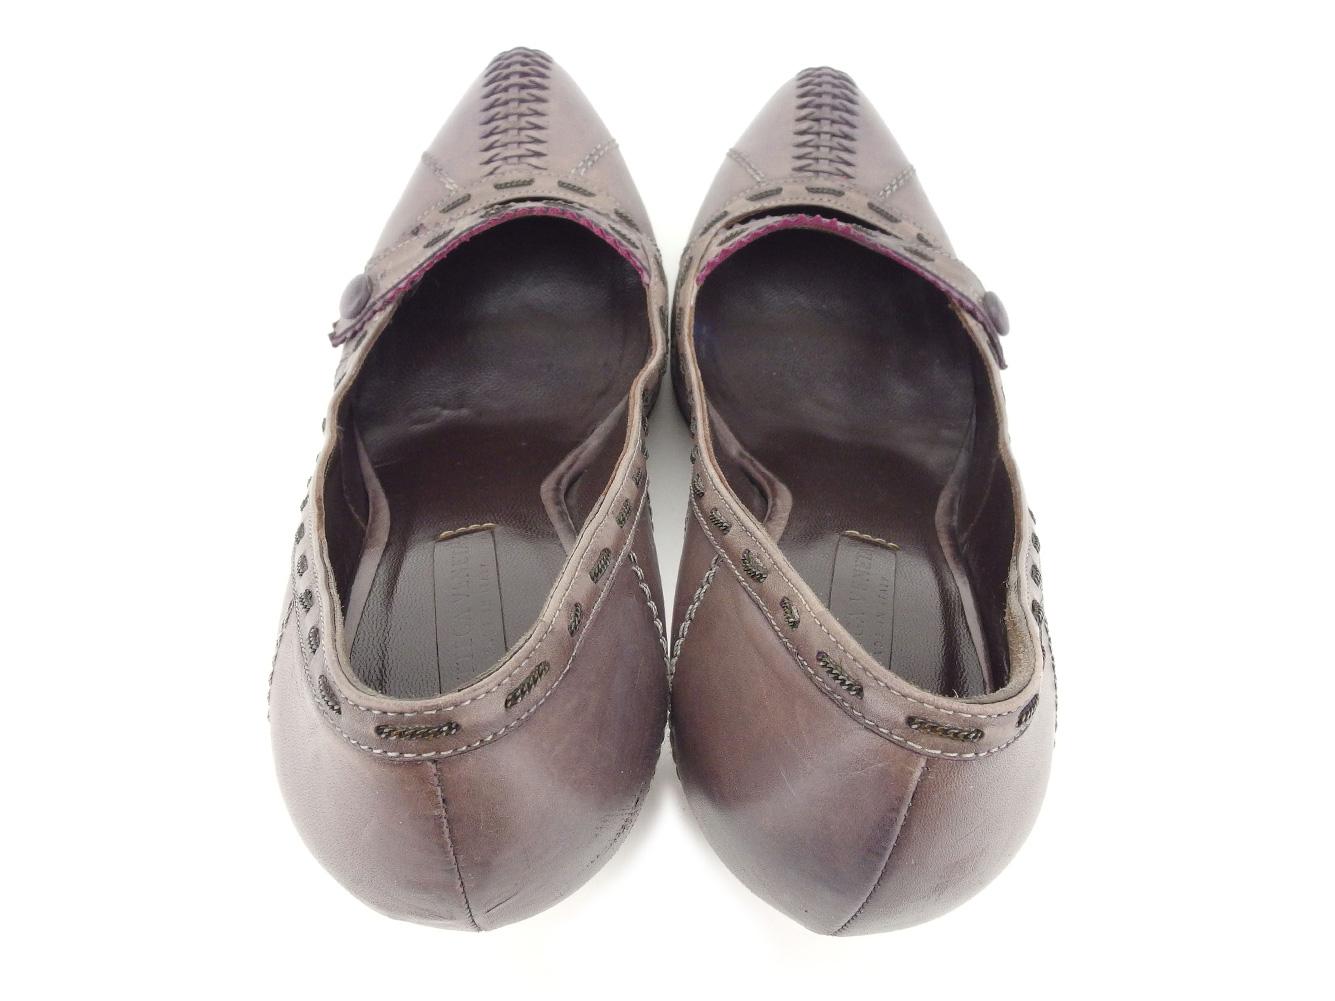 ボッテガ ヴェネタ BOTTEGA VENETA パンプス シューズ 靴 レディース ♯35ハーフ ハイヒール パープル レザー Q440 APkiZuX